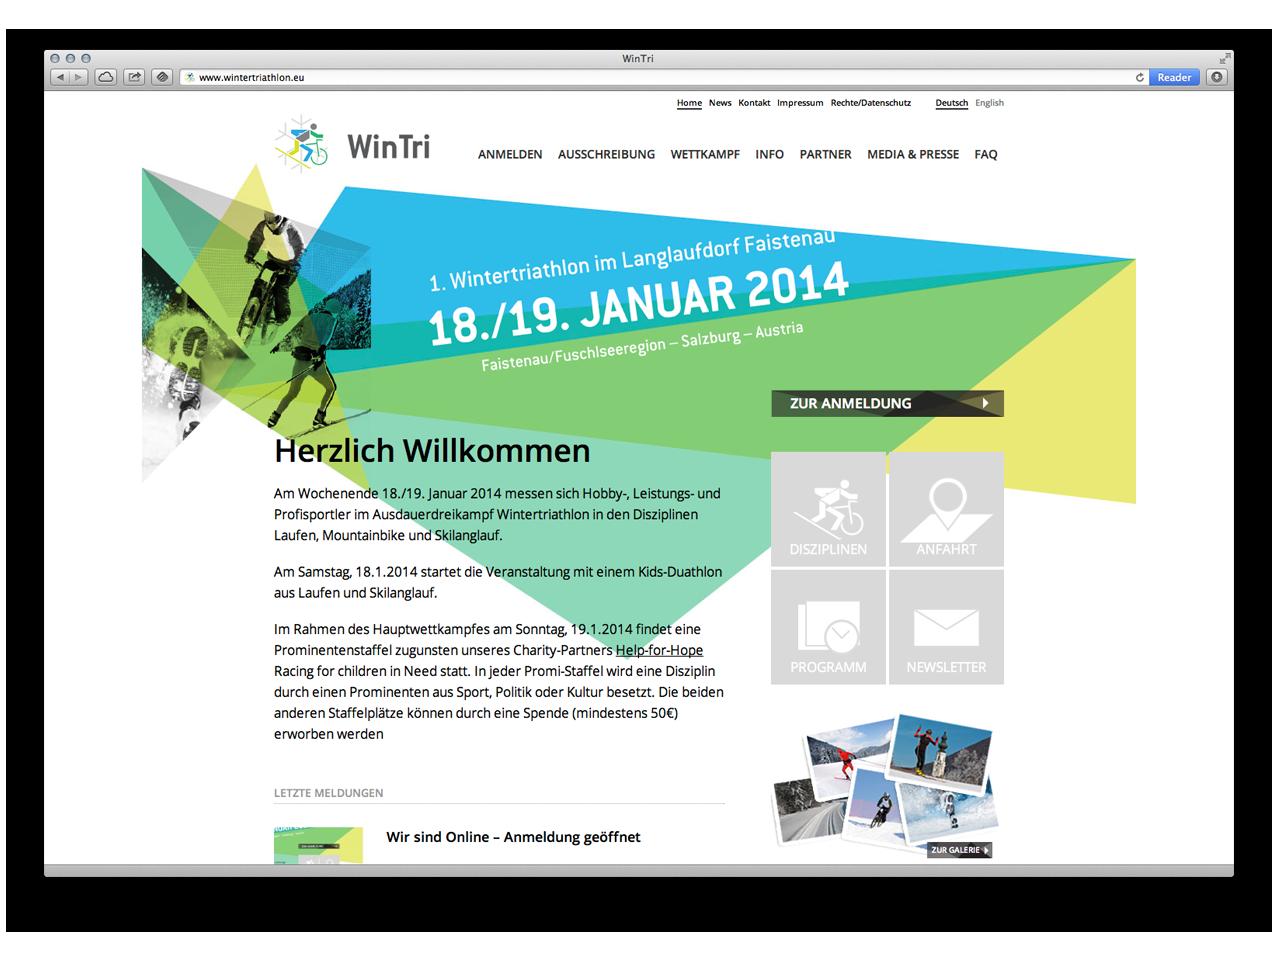 WinTri - Website online